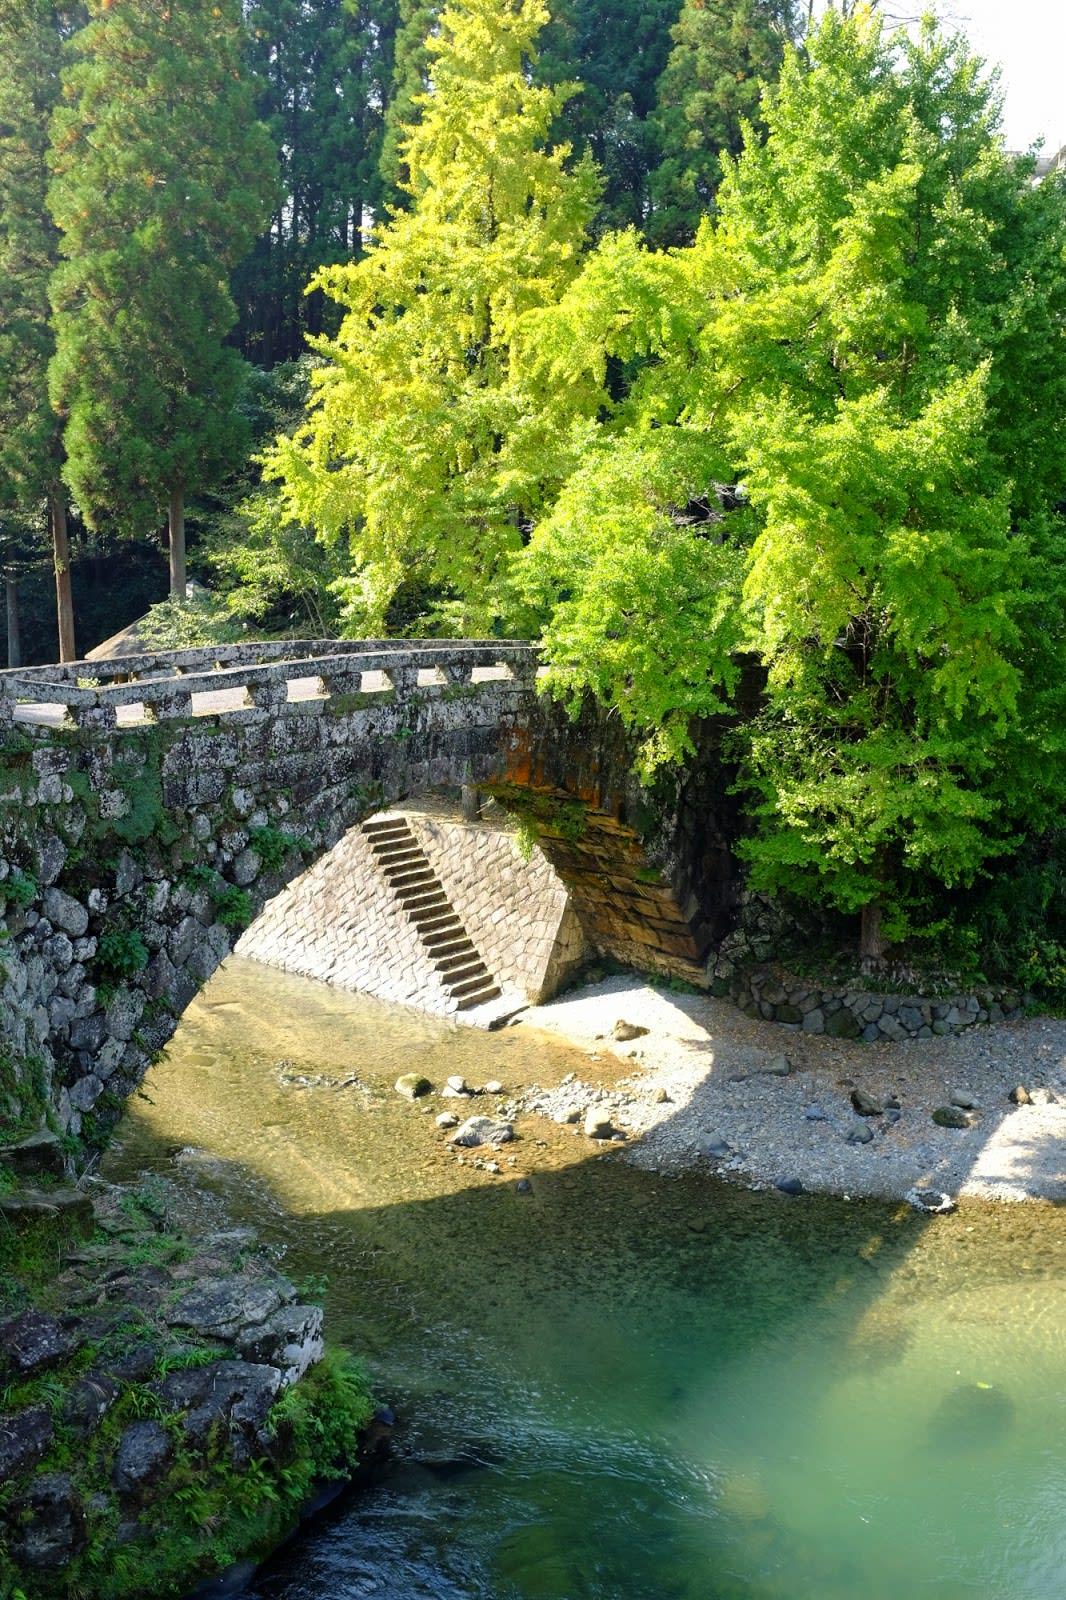 熊本县限定心形桥